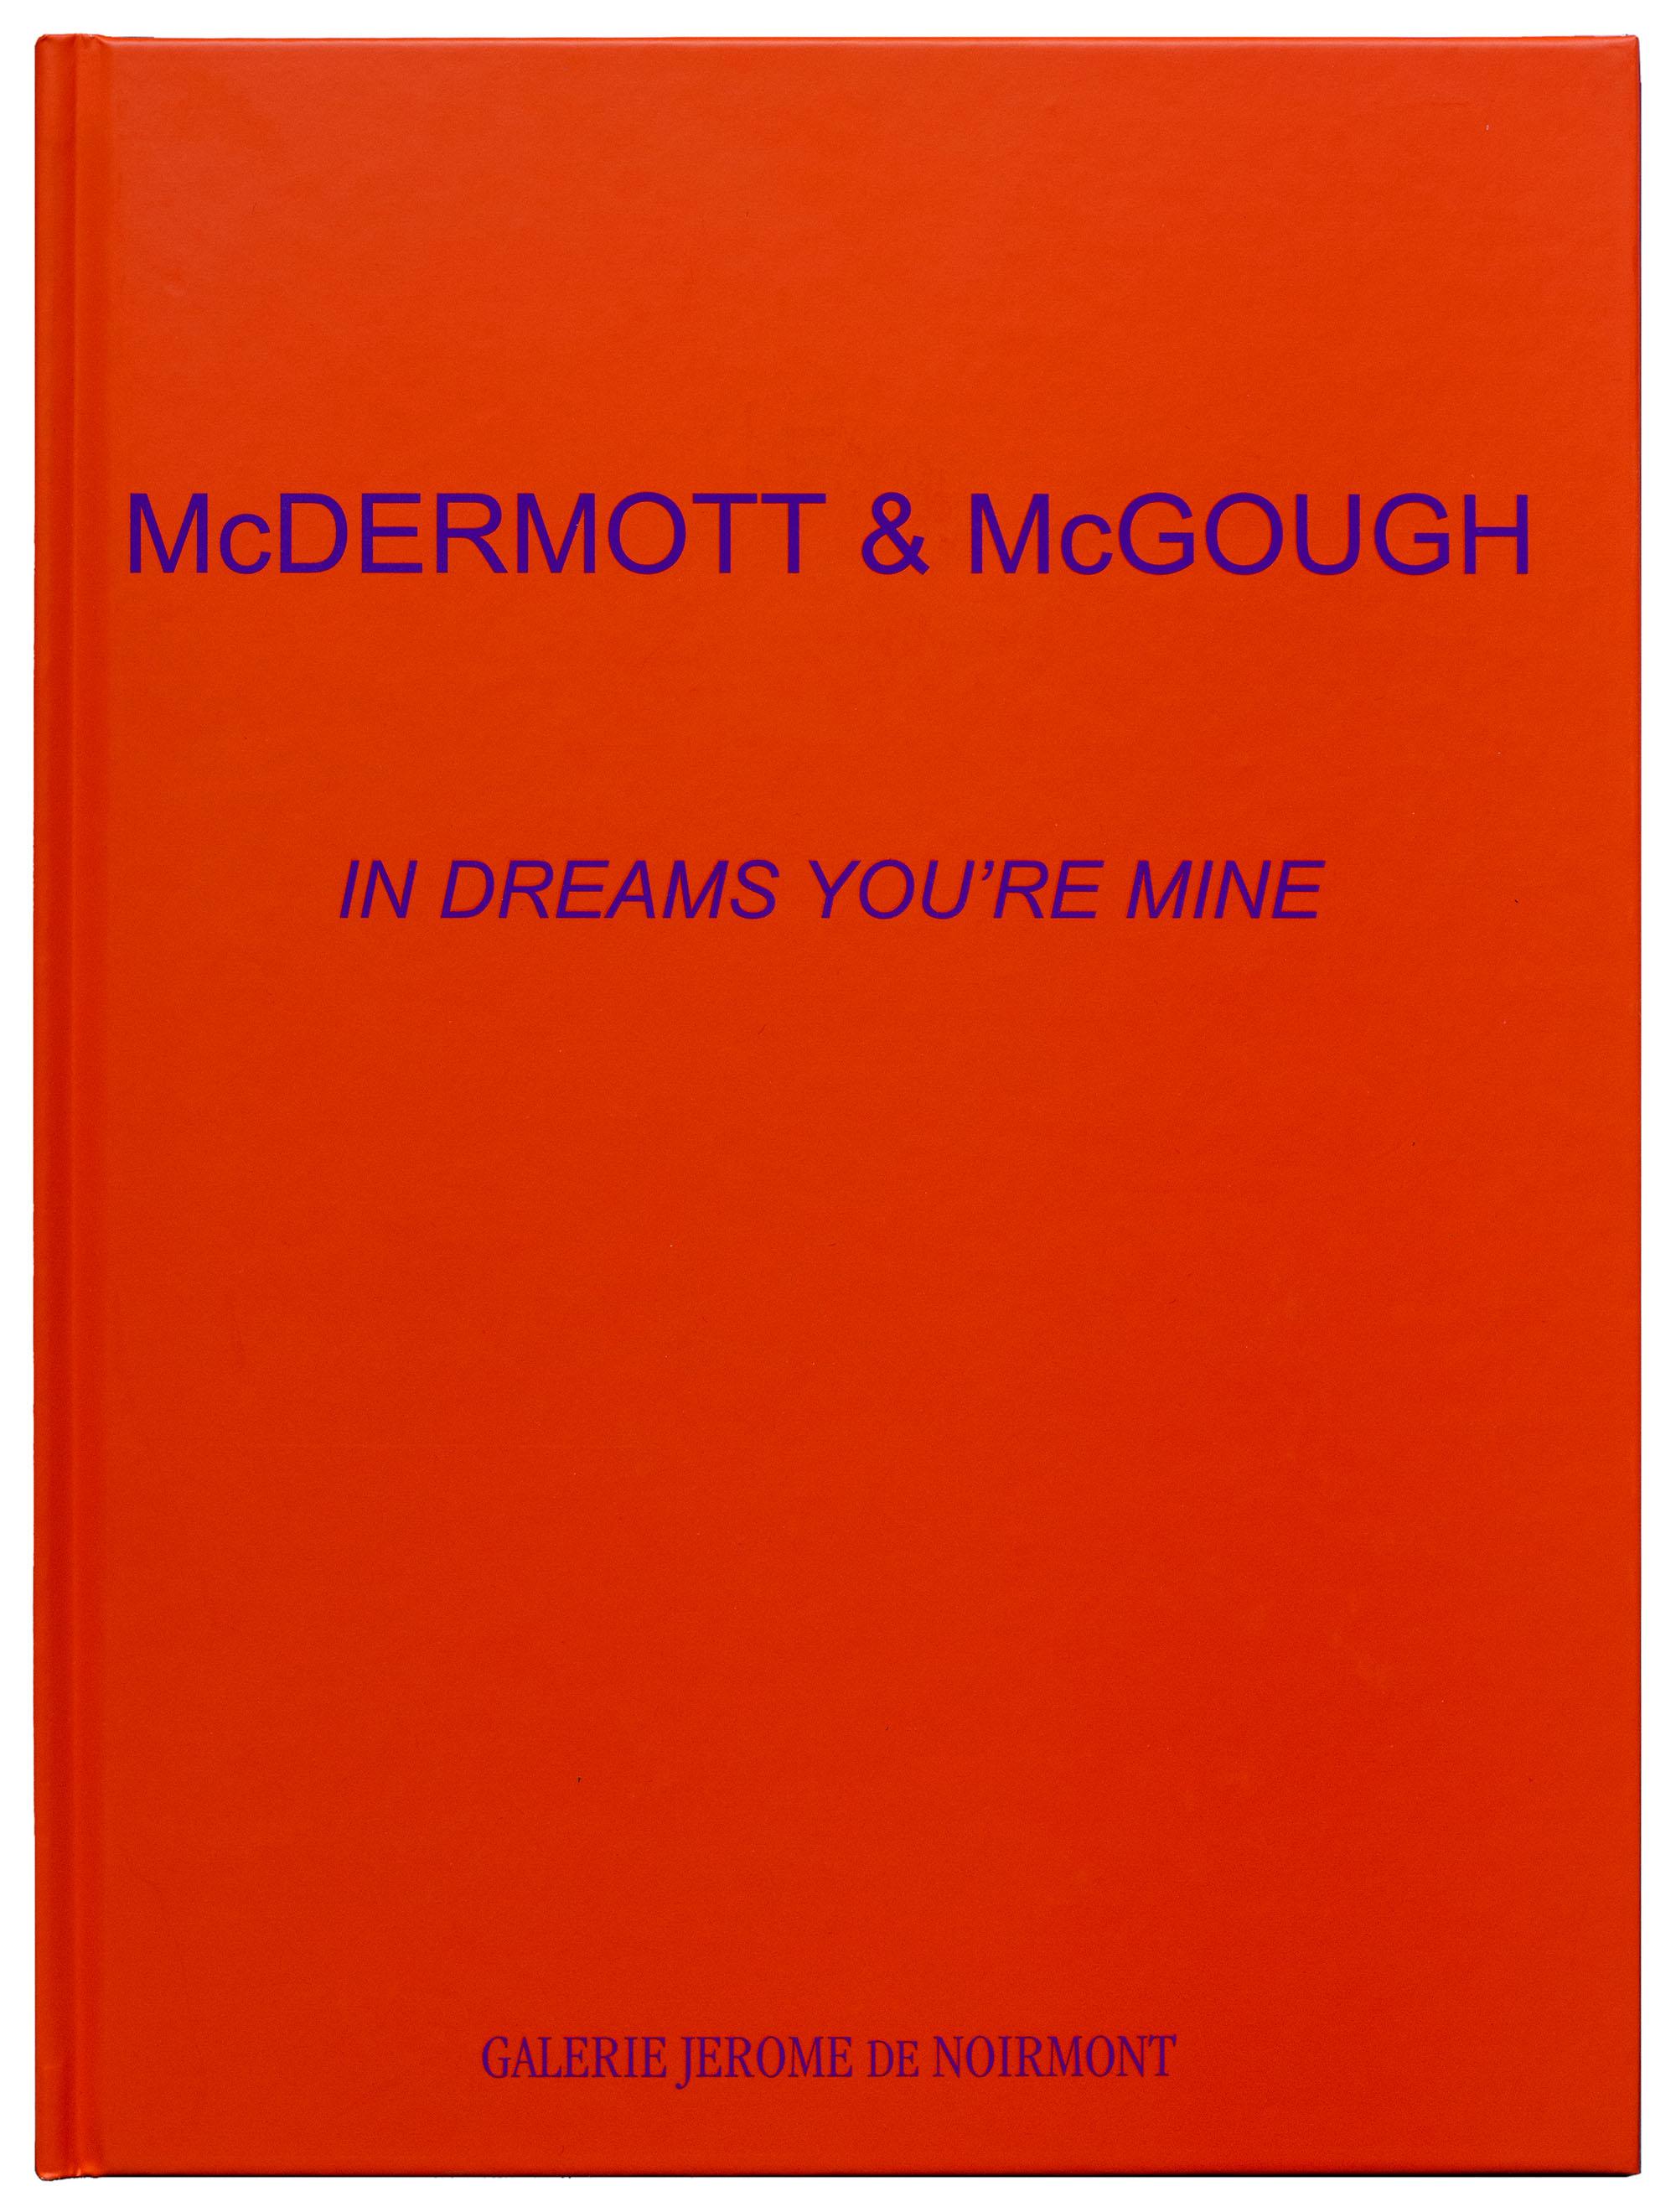 McDermott & McGough/Ed. de Noirmont